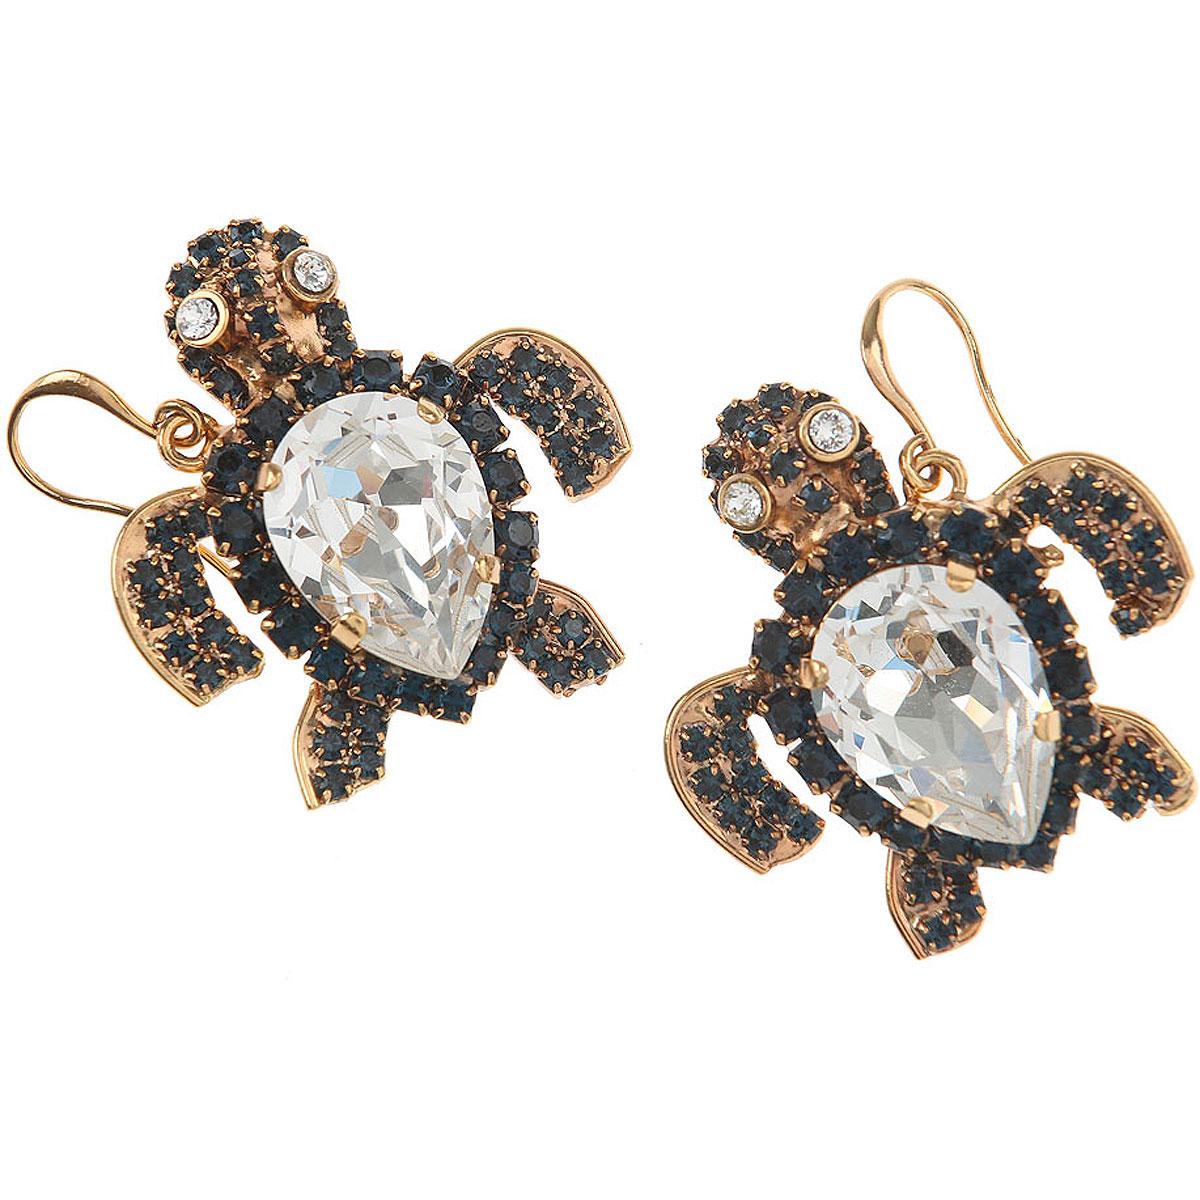 Dueci Bijoux Earrings for Women On Sale, Black, Brass, 2019